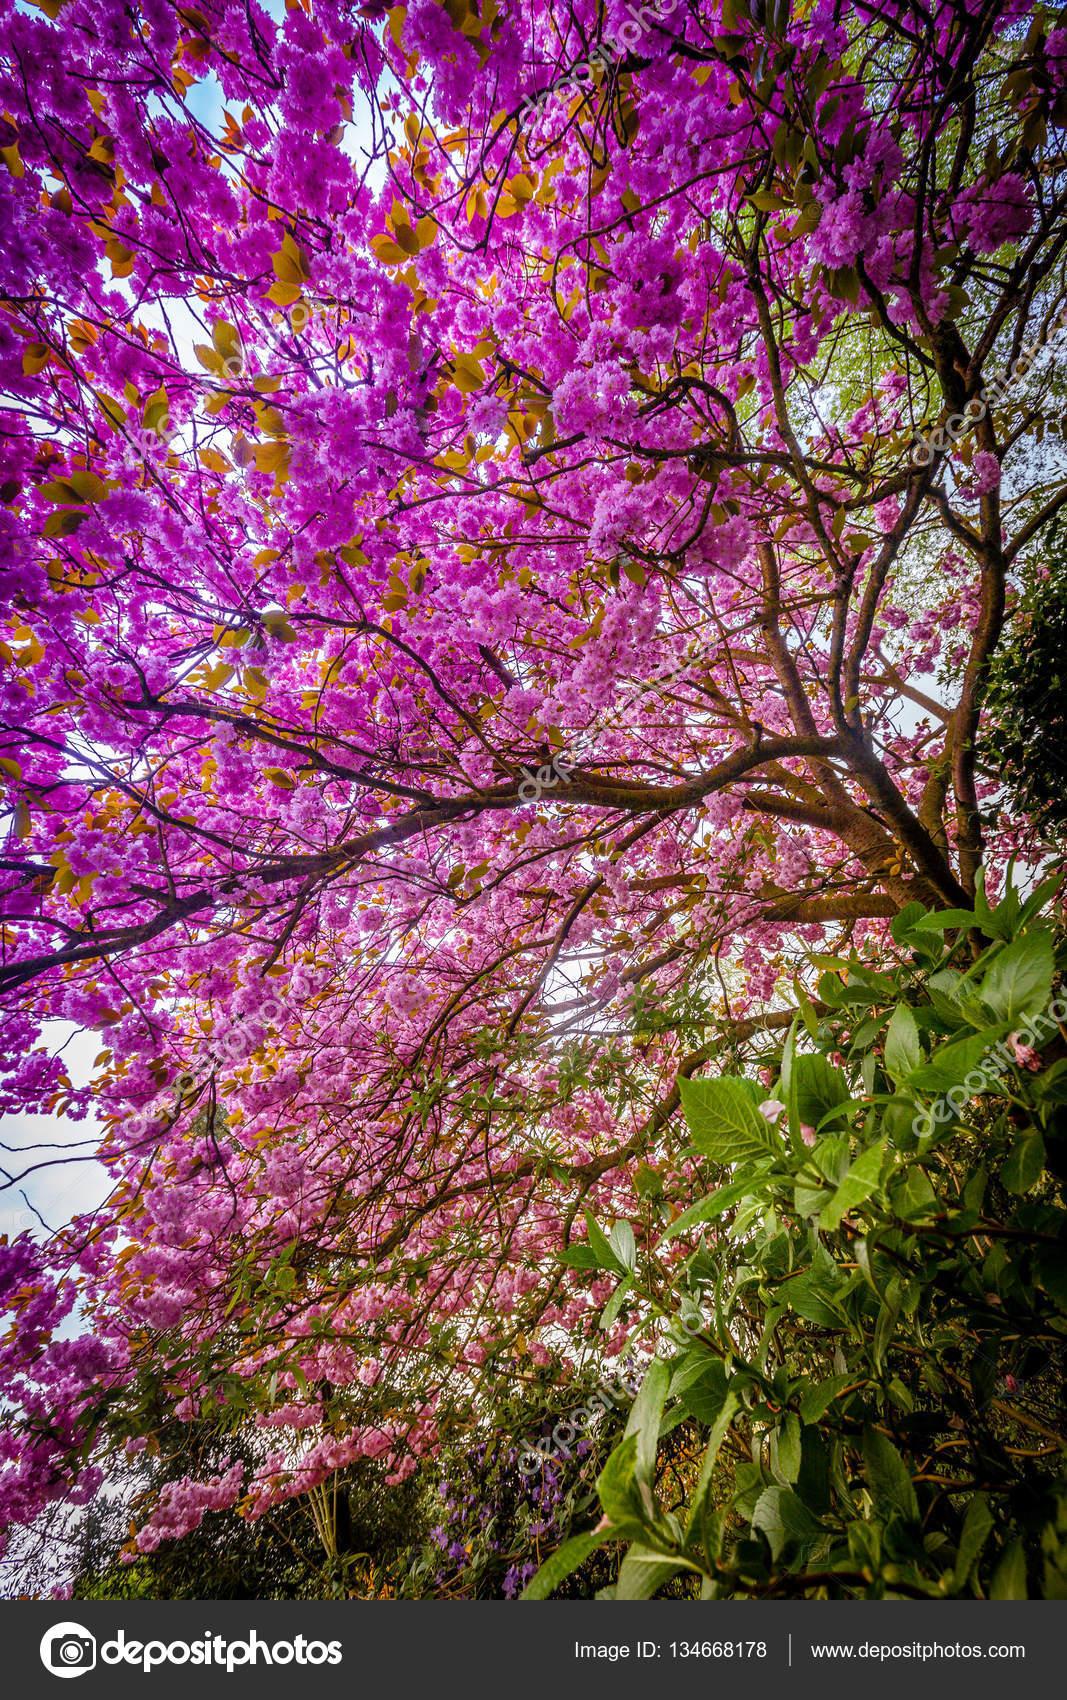 arbre fleuri violet — photographie pawopa3336 © #134668178